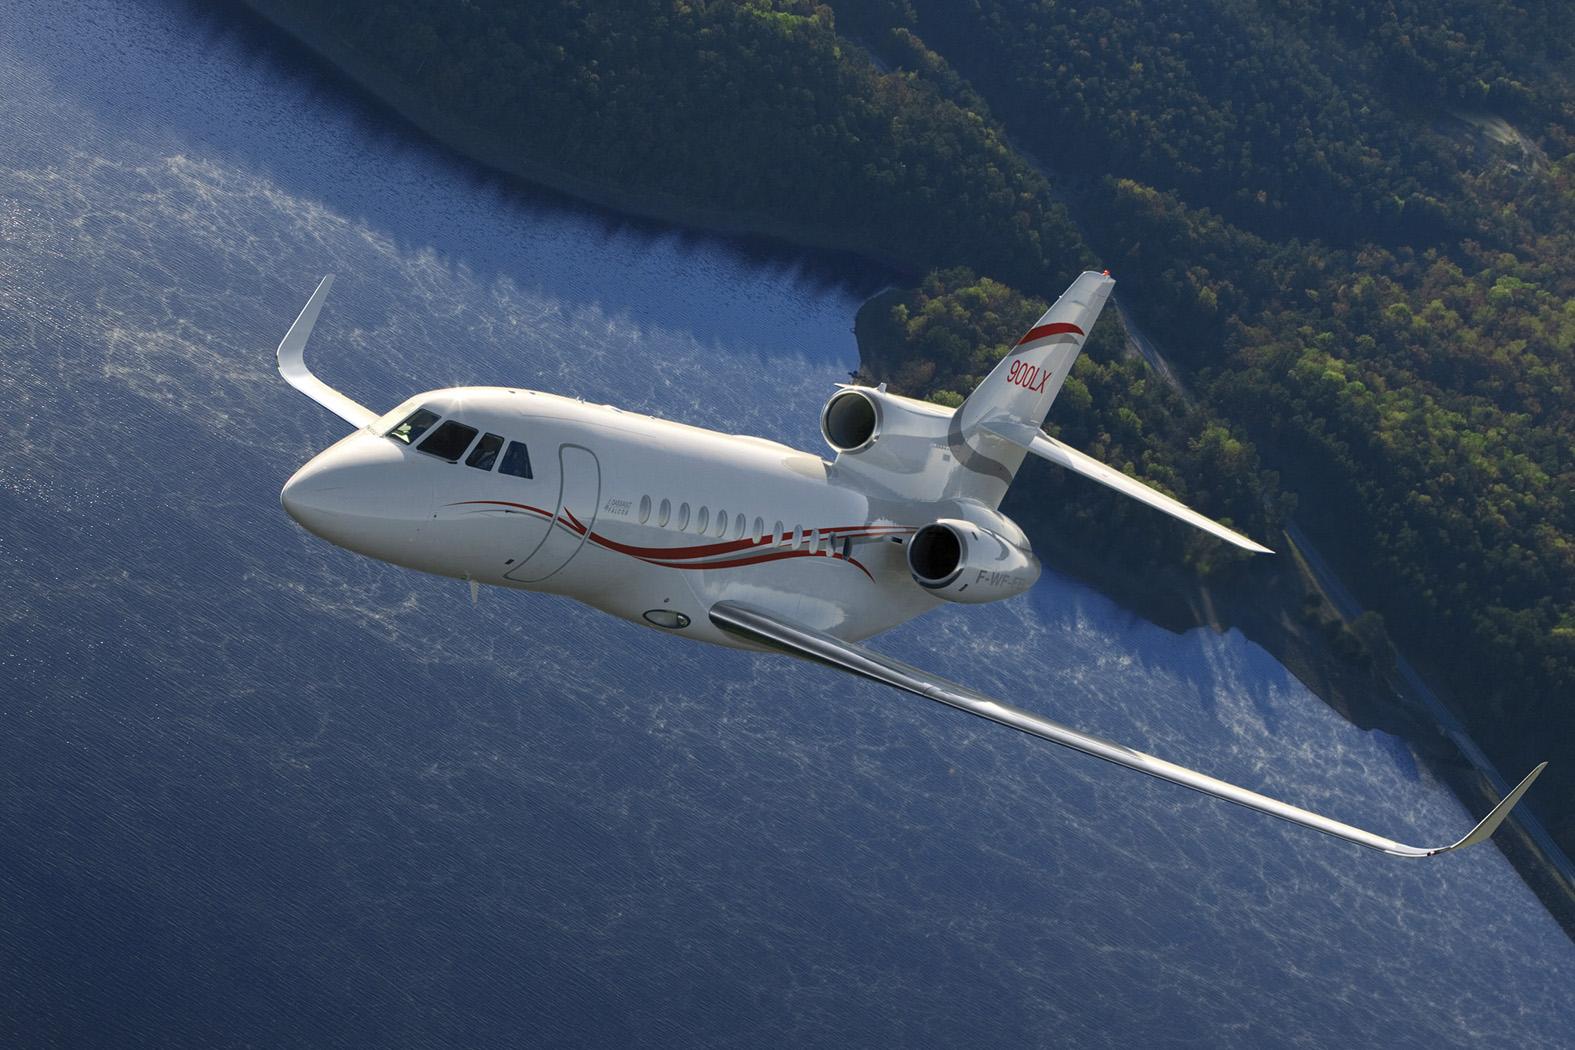 2db9e149d45d0e4f5ed27d877f5e0144 - Dassault Falcon 2000